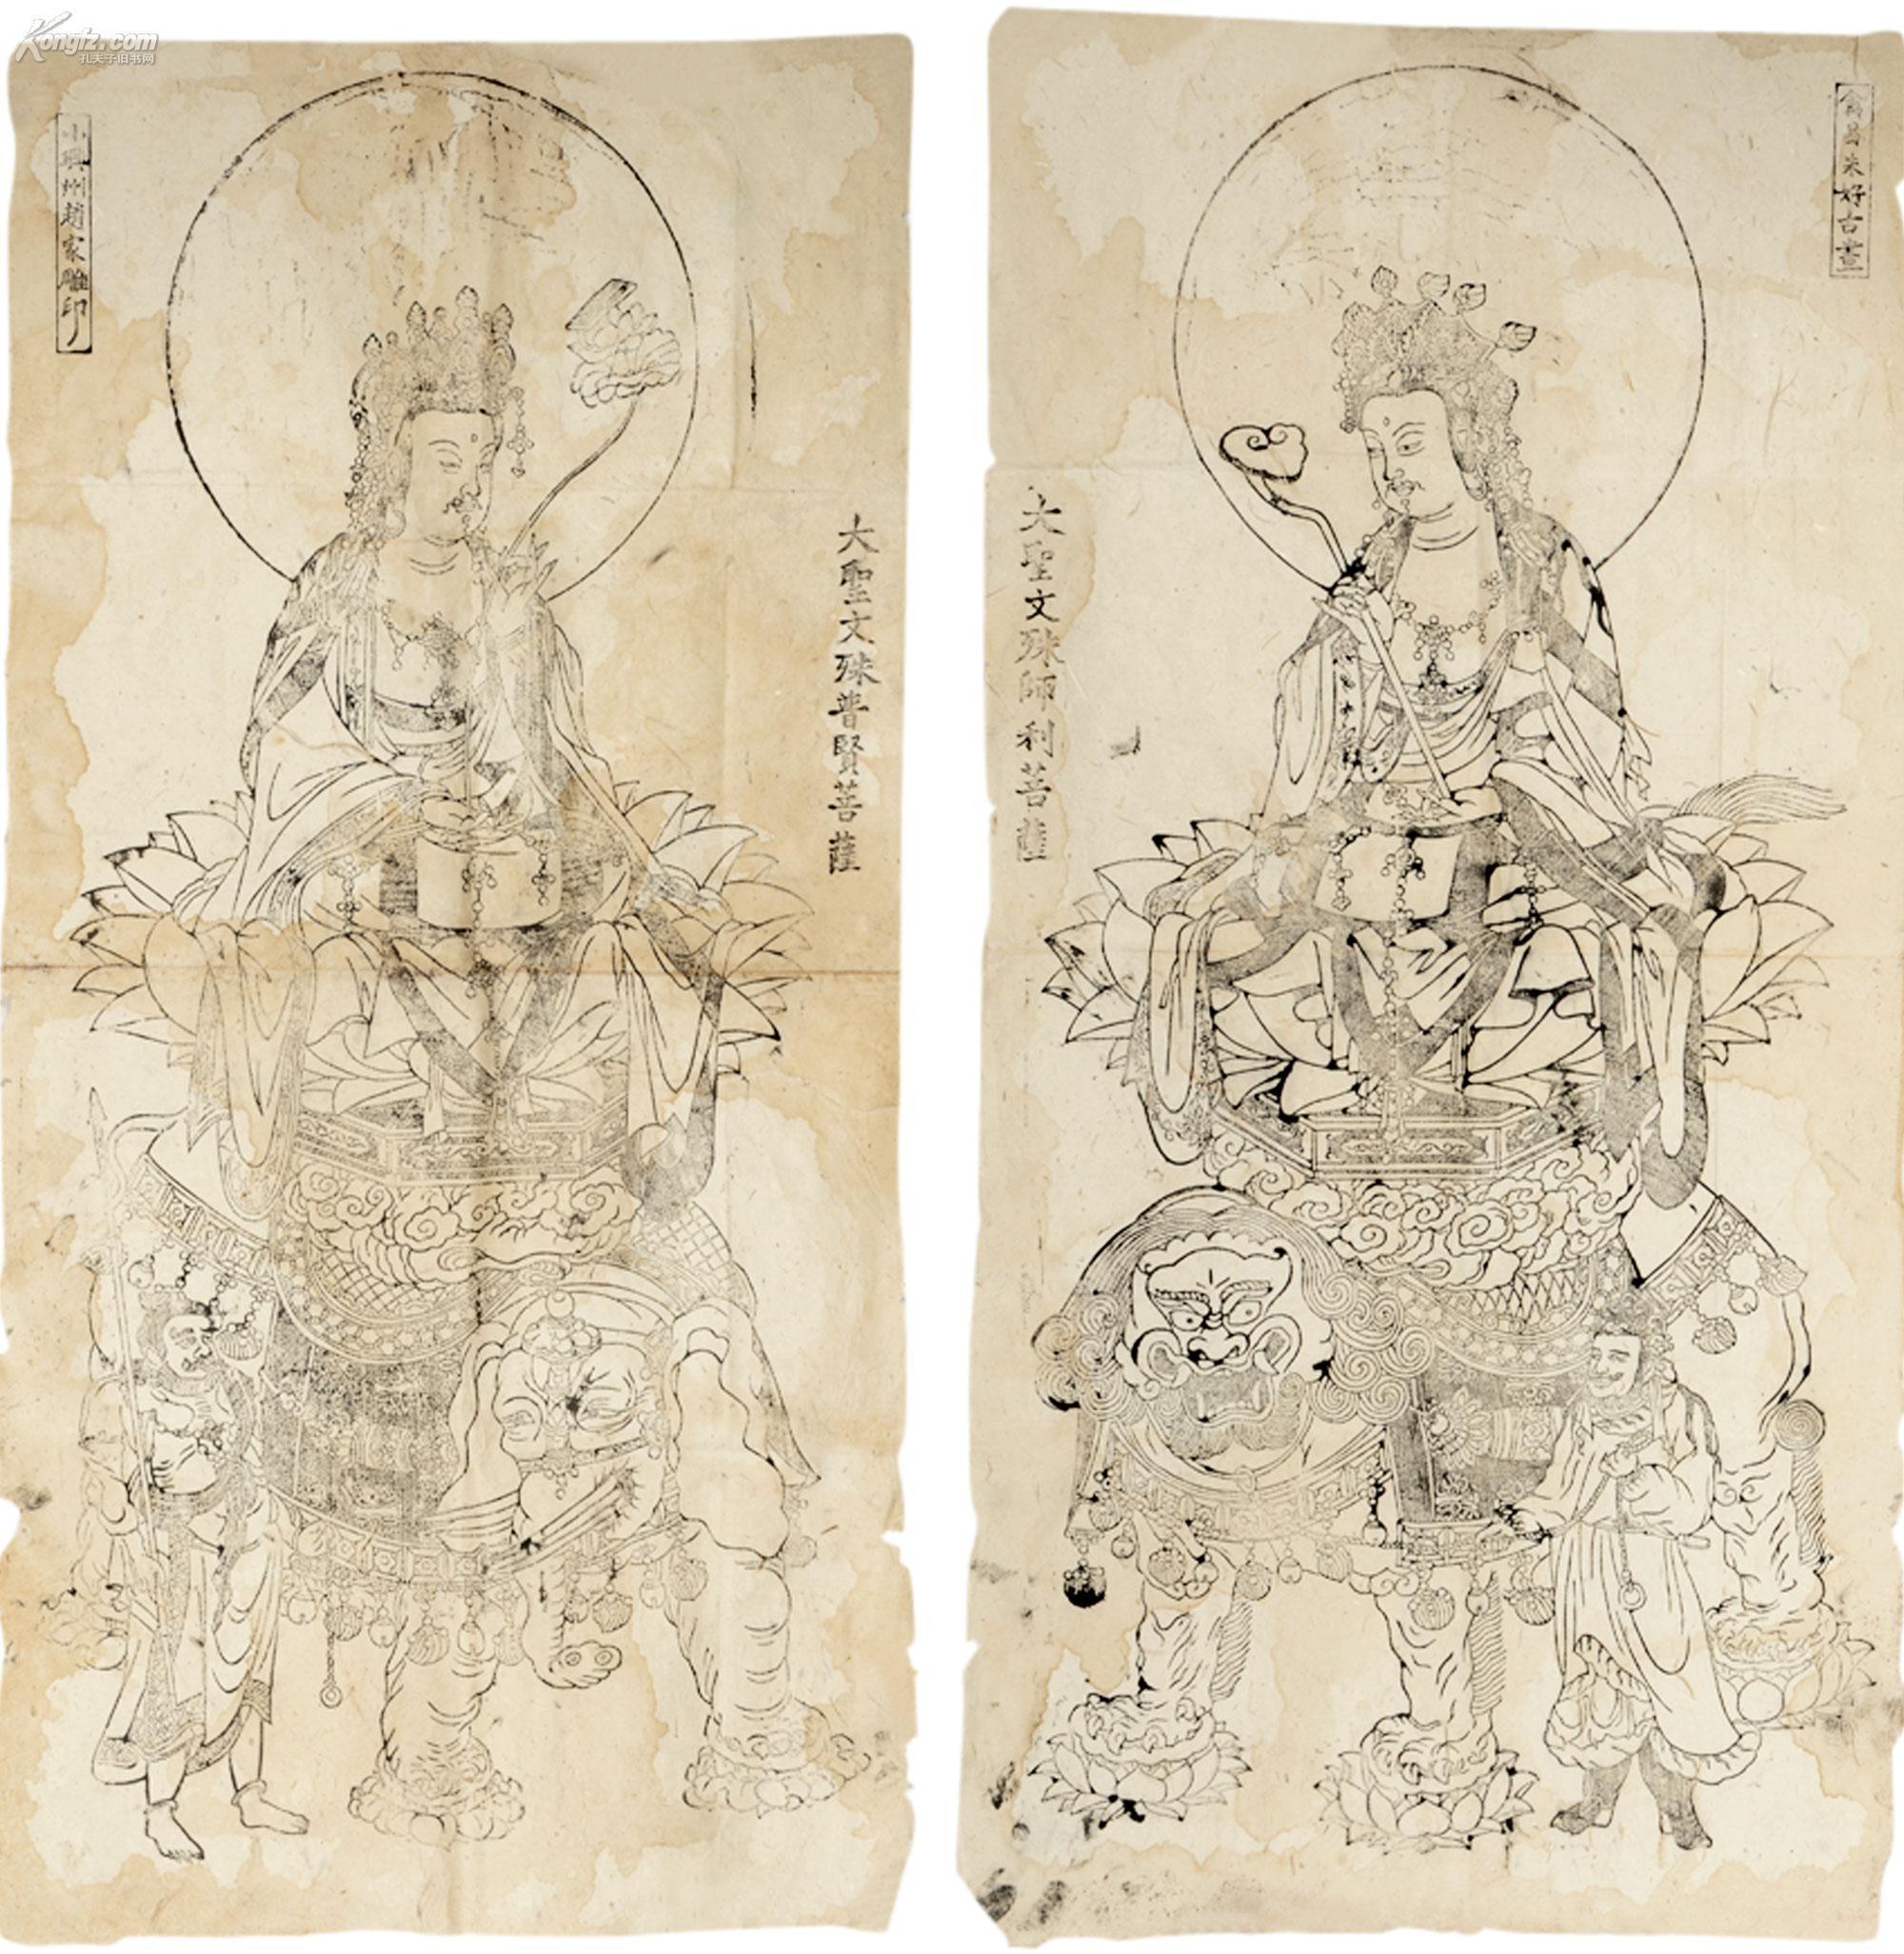 文殊普贤菩萨像